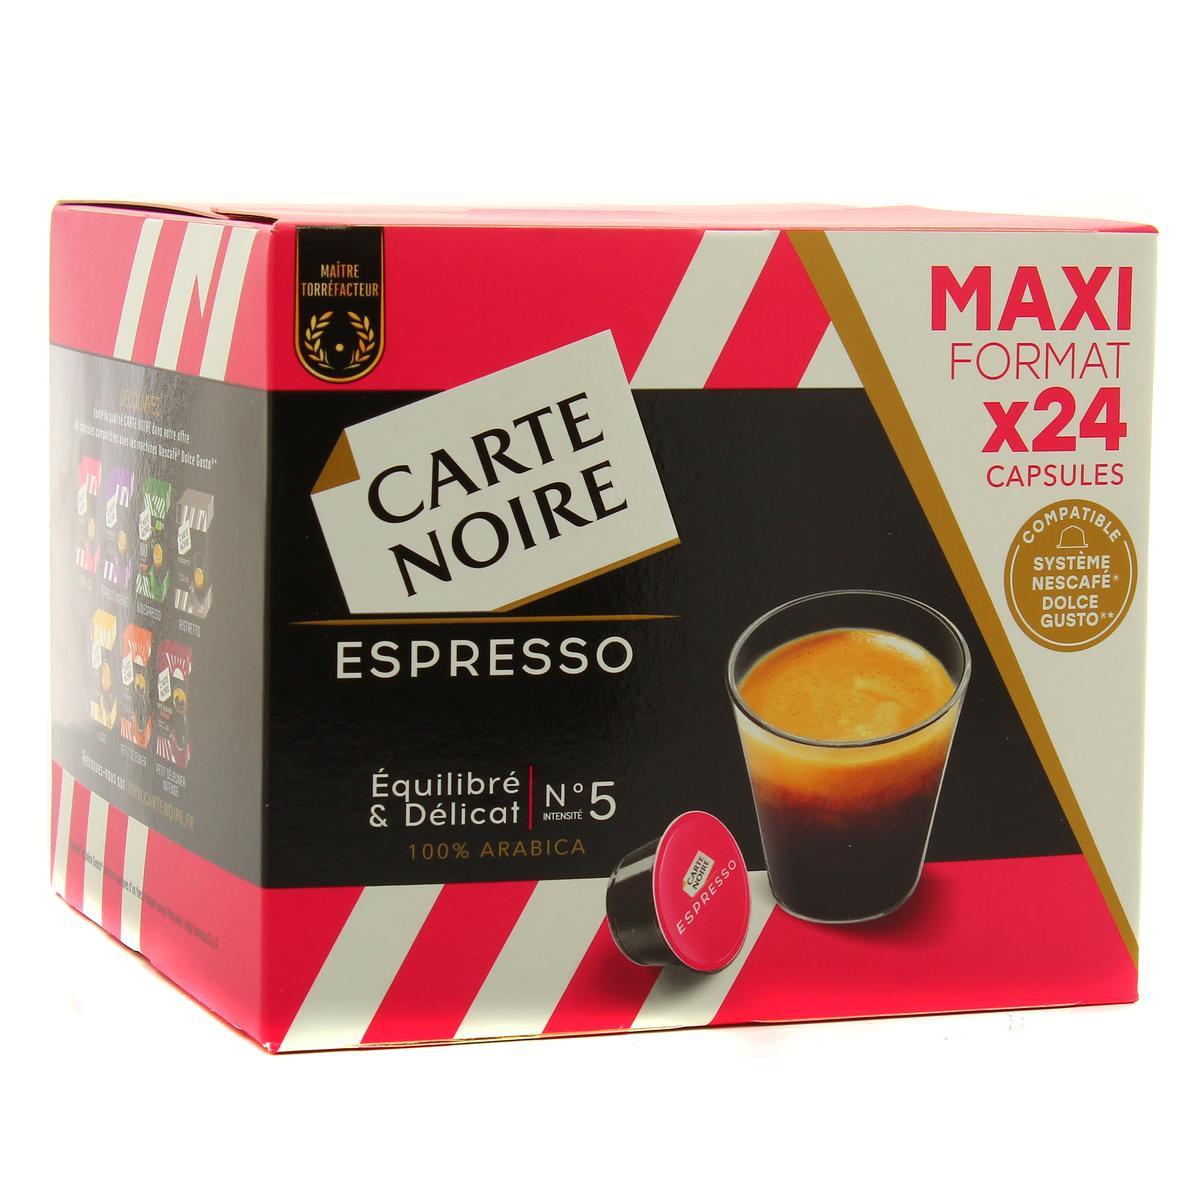 acheter carte noire espresso equilibre et delicat n 5 24 capsules